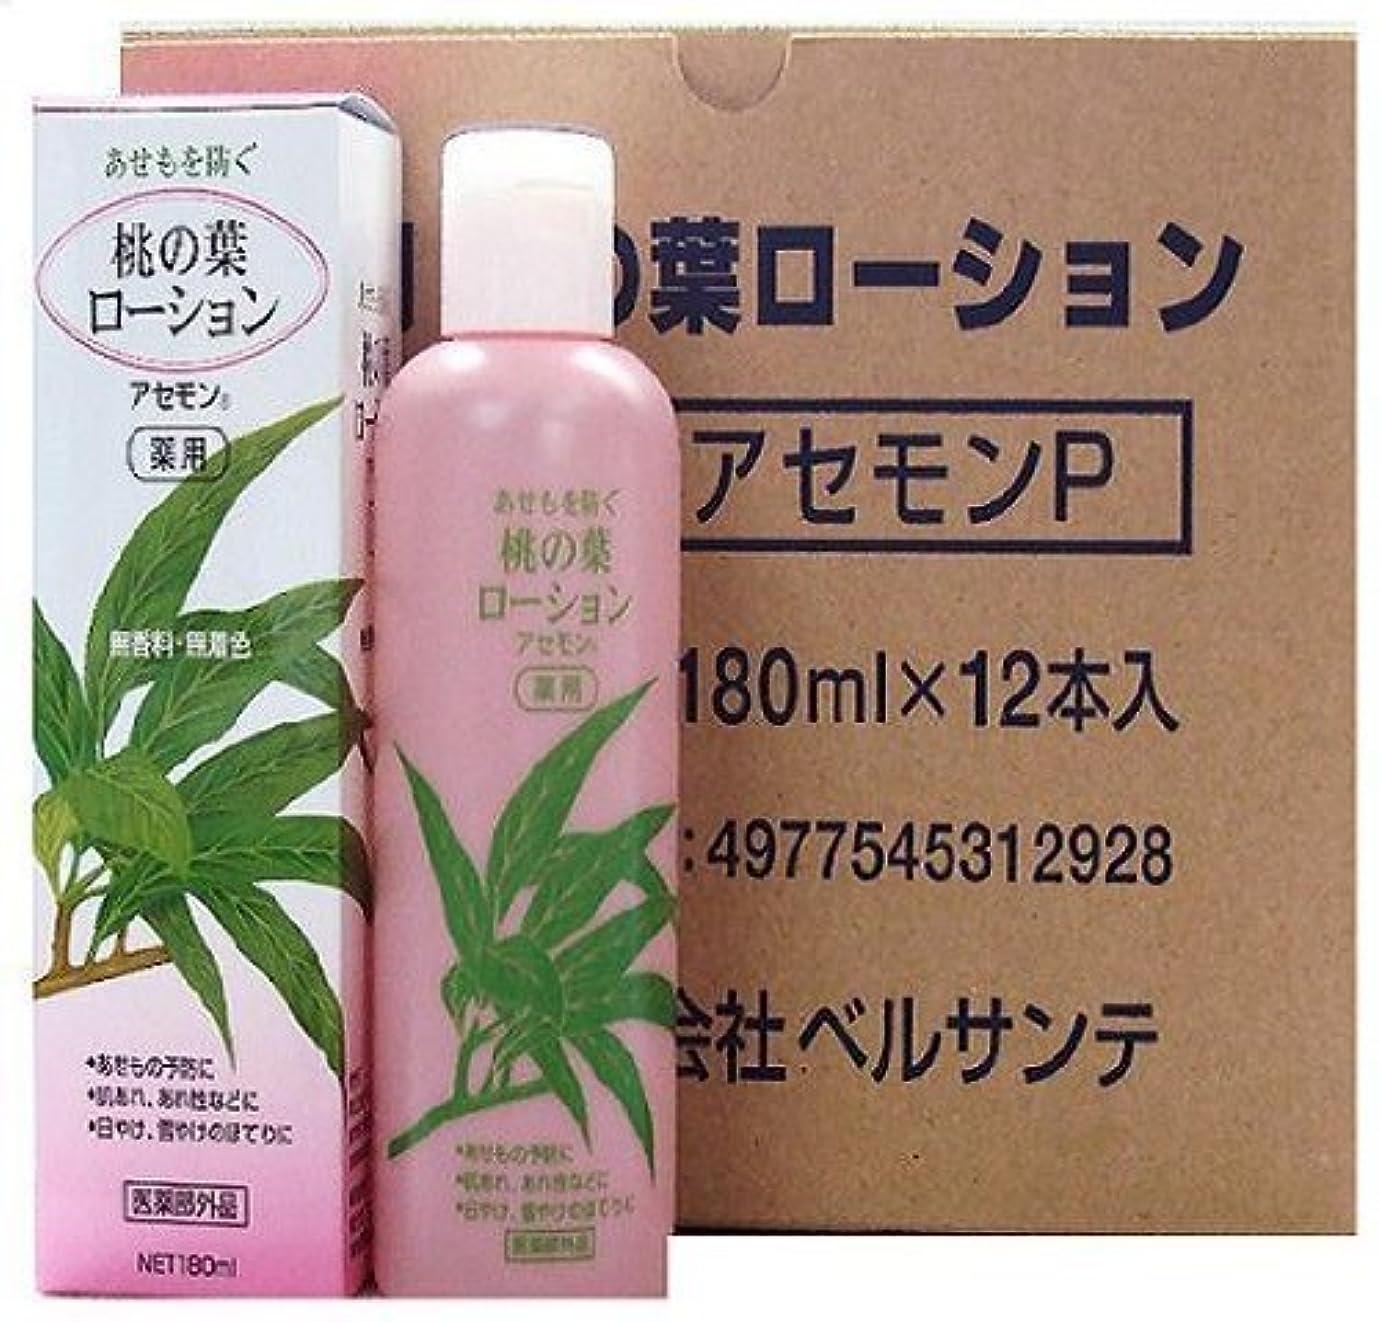 桃の葉薬用ローショーン180ml( 12個内箱購入特別価額 ) (1個税込 340円)